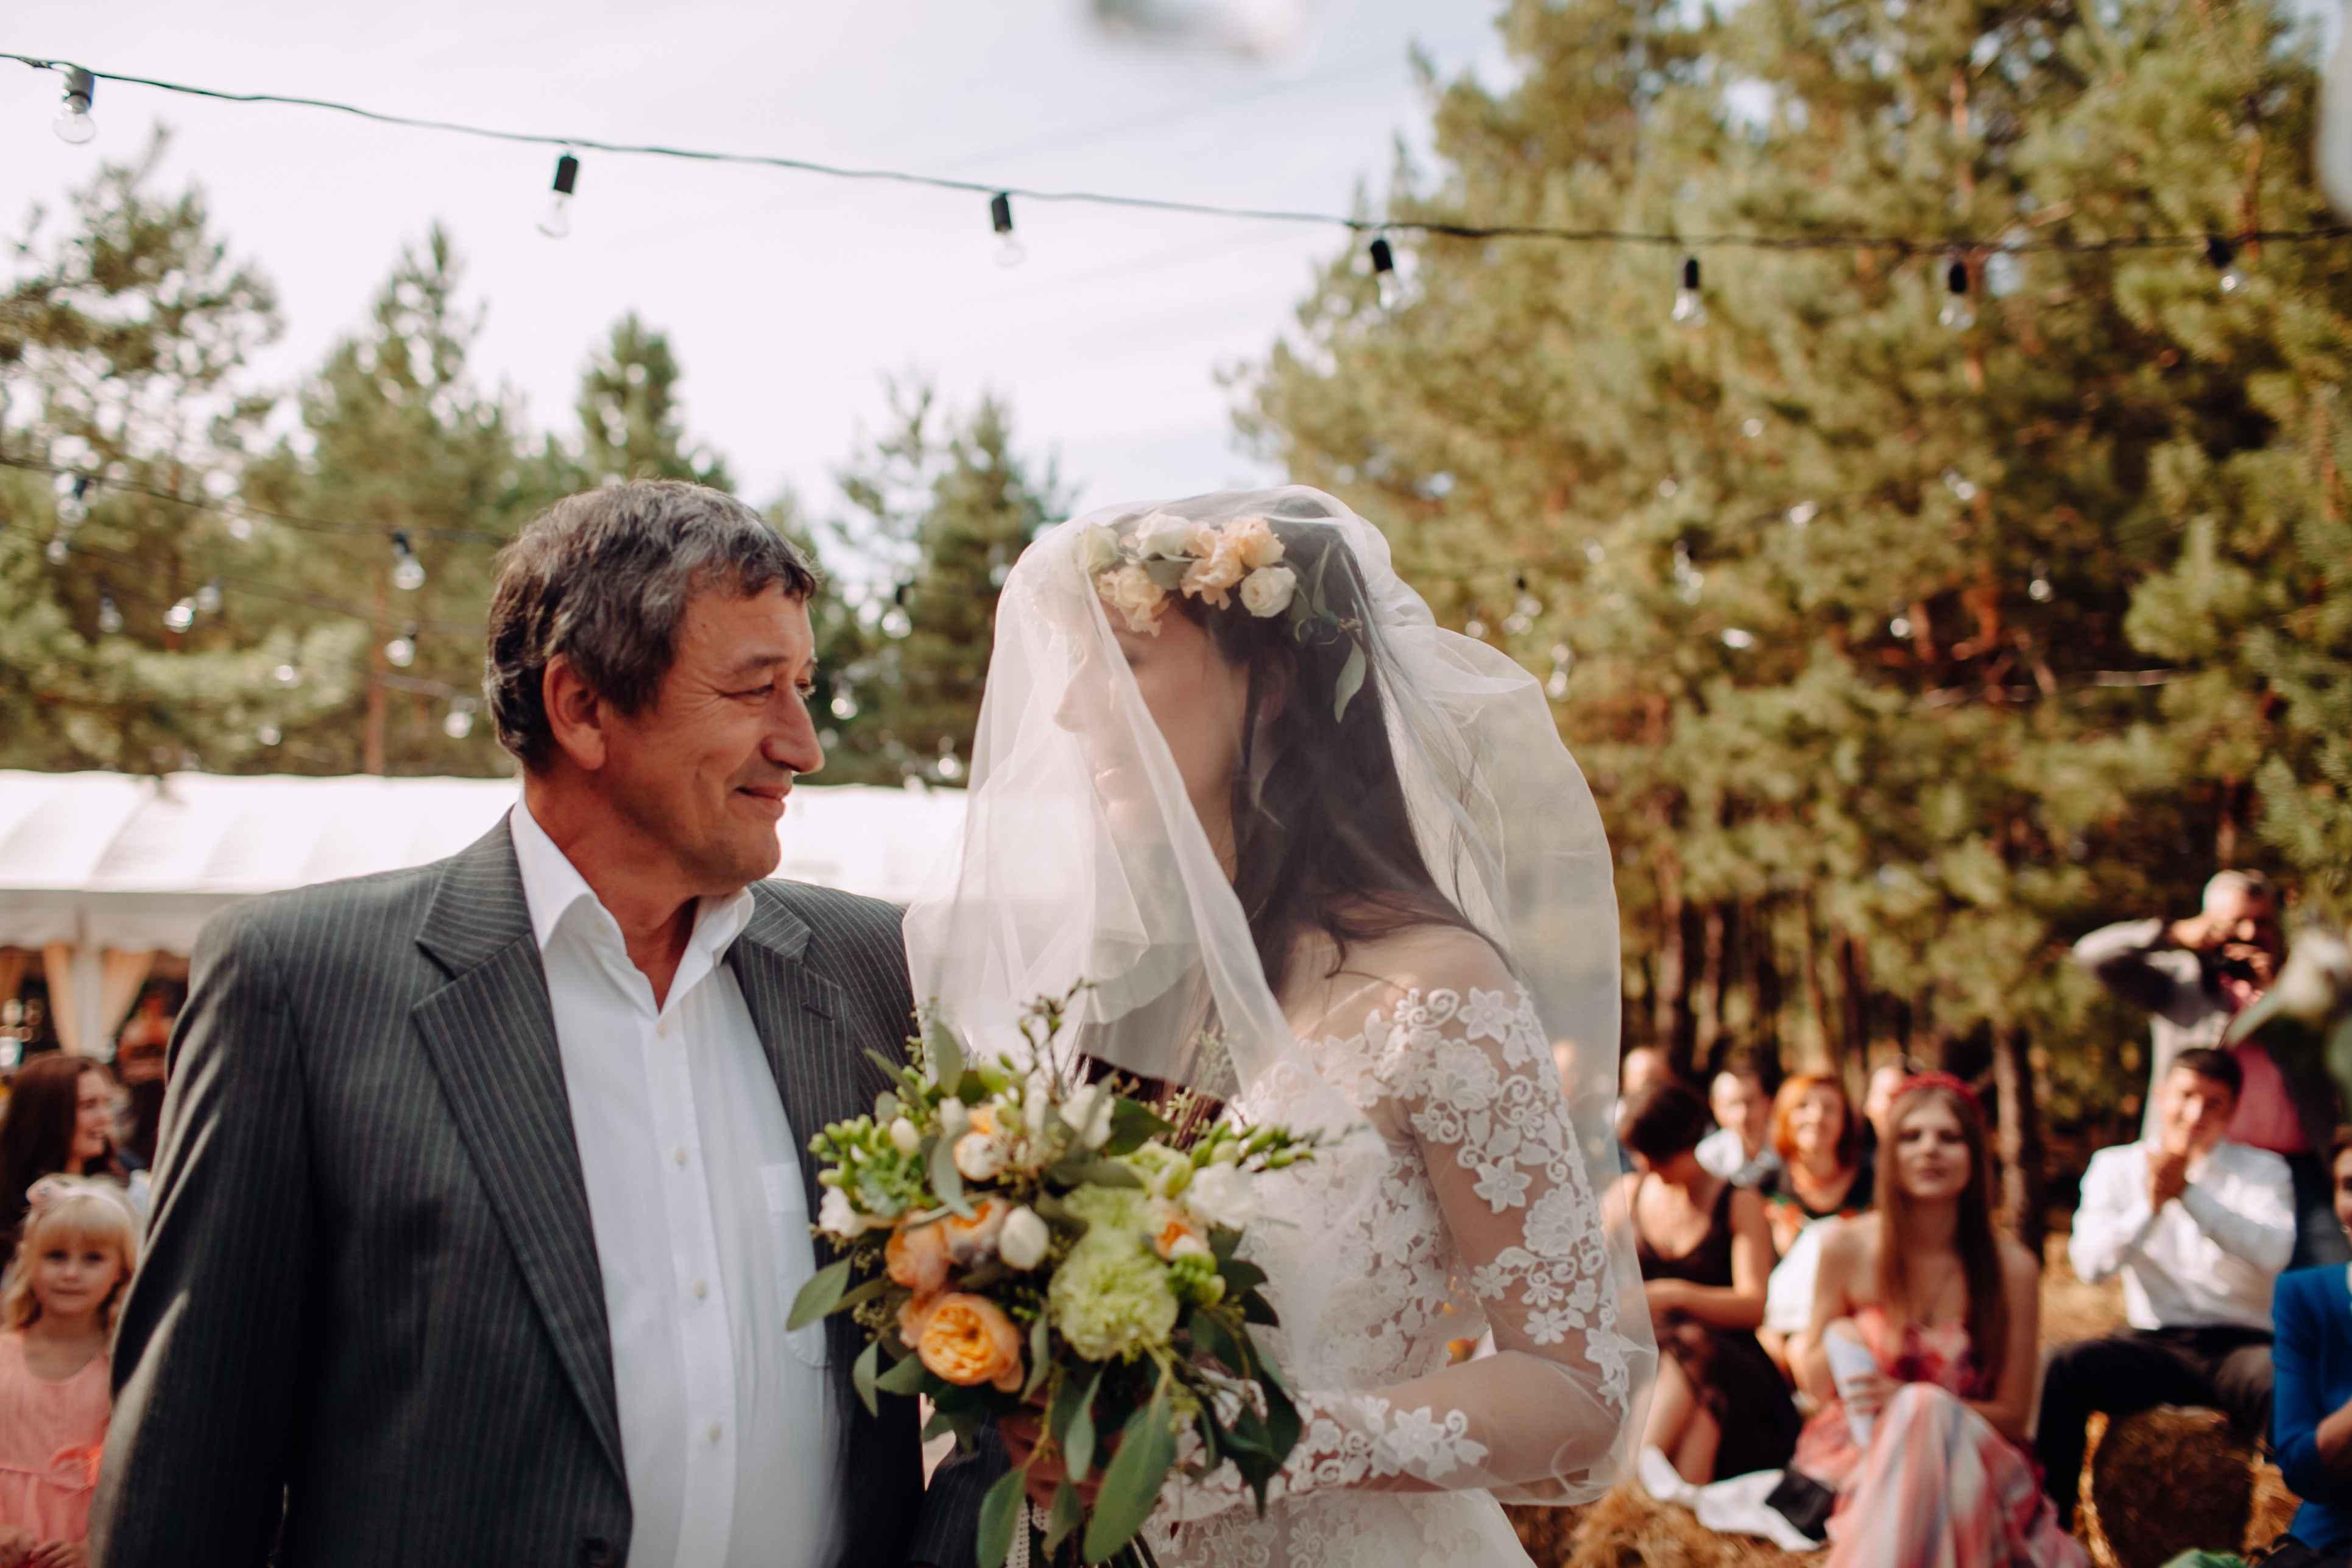 отец ведет невесту-дочь на церемонии